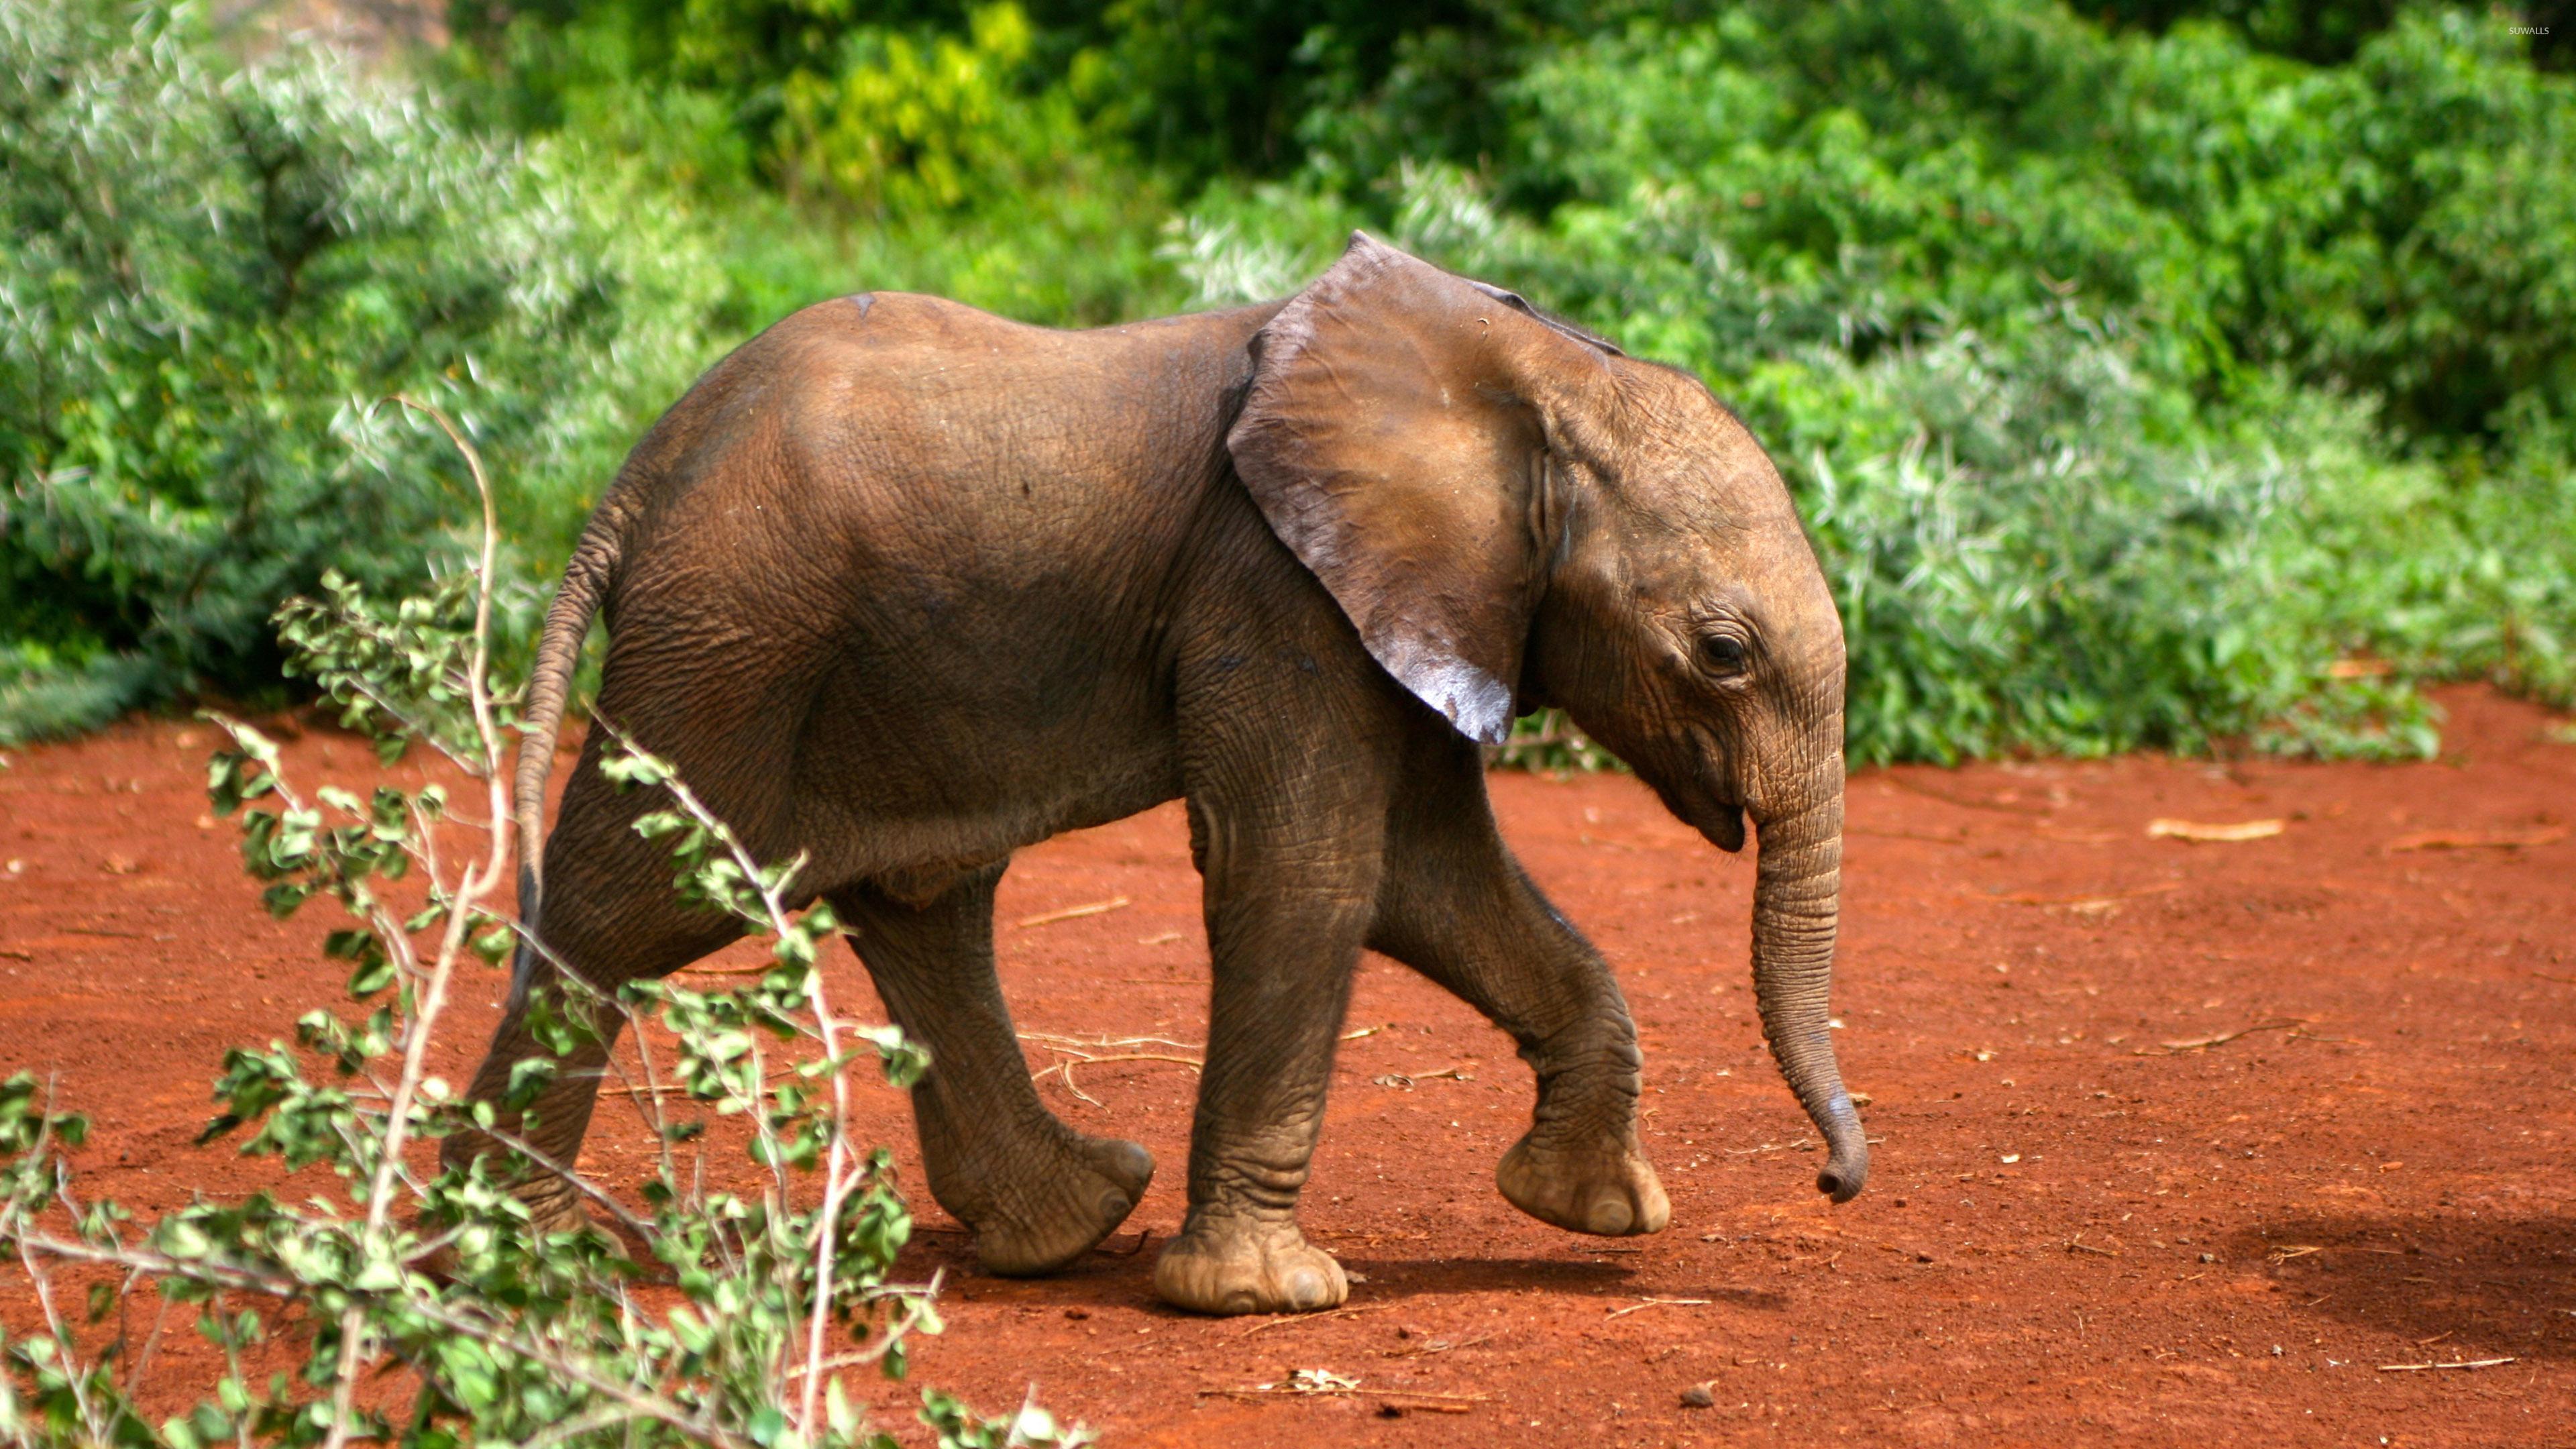 Слон  № 1010700 загрузить